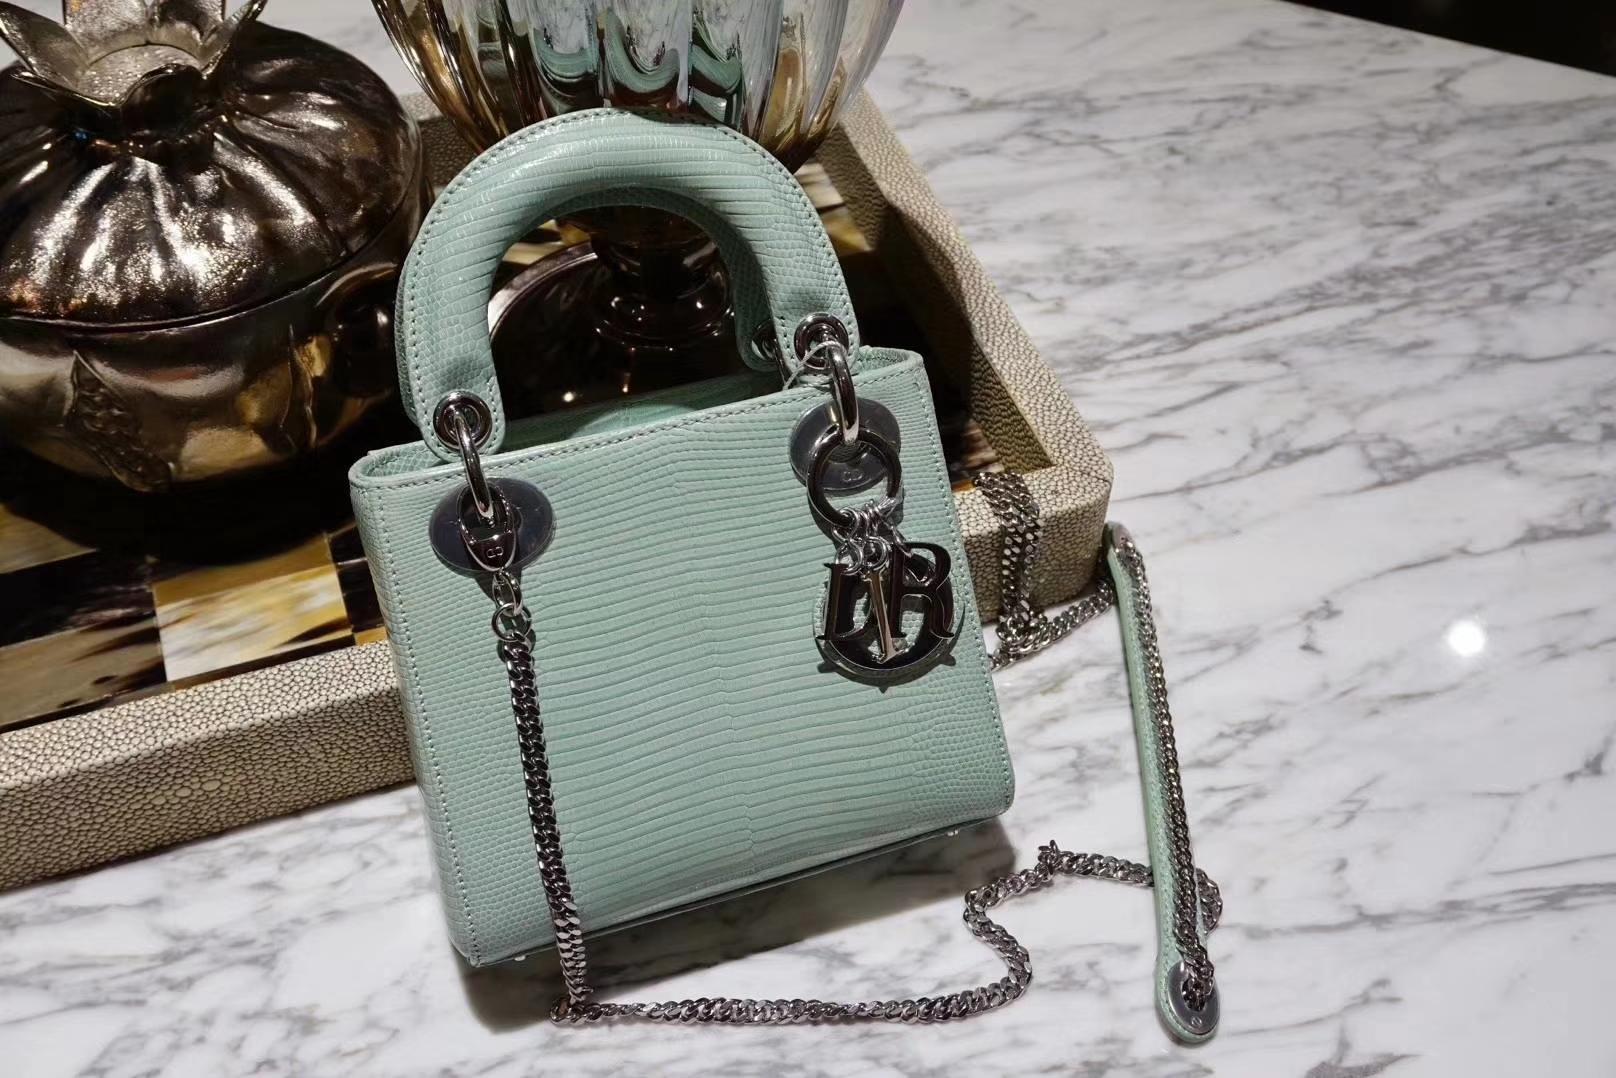 Dior 迪奥 戴妃包 进口蜥蜴皮 气质型包包 薄荷绿